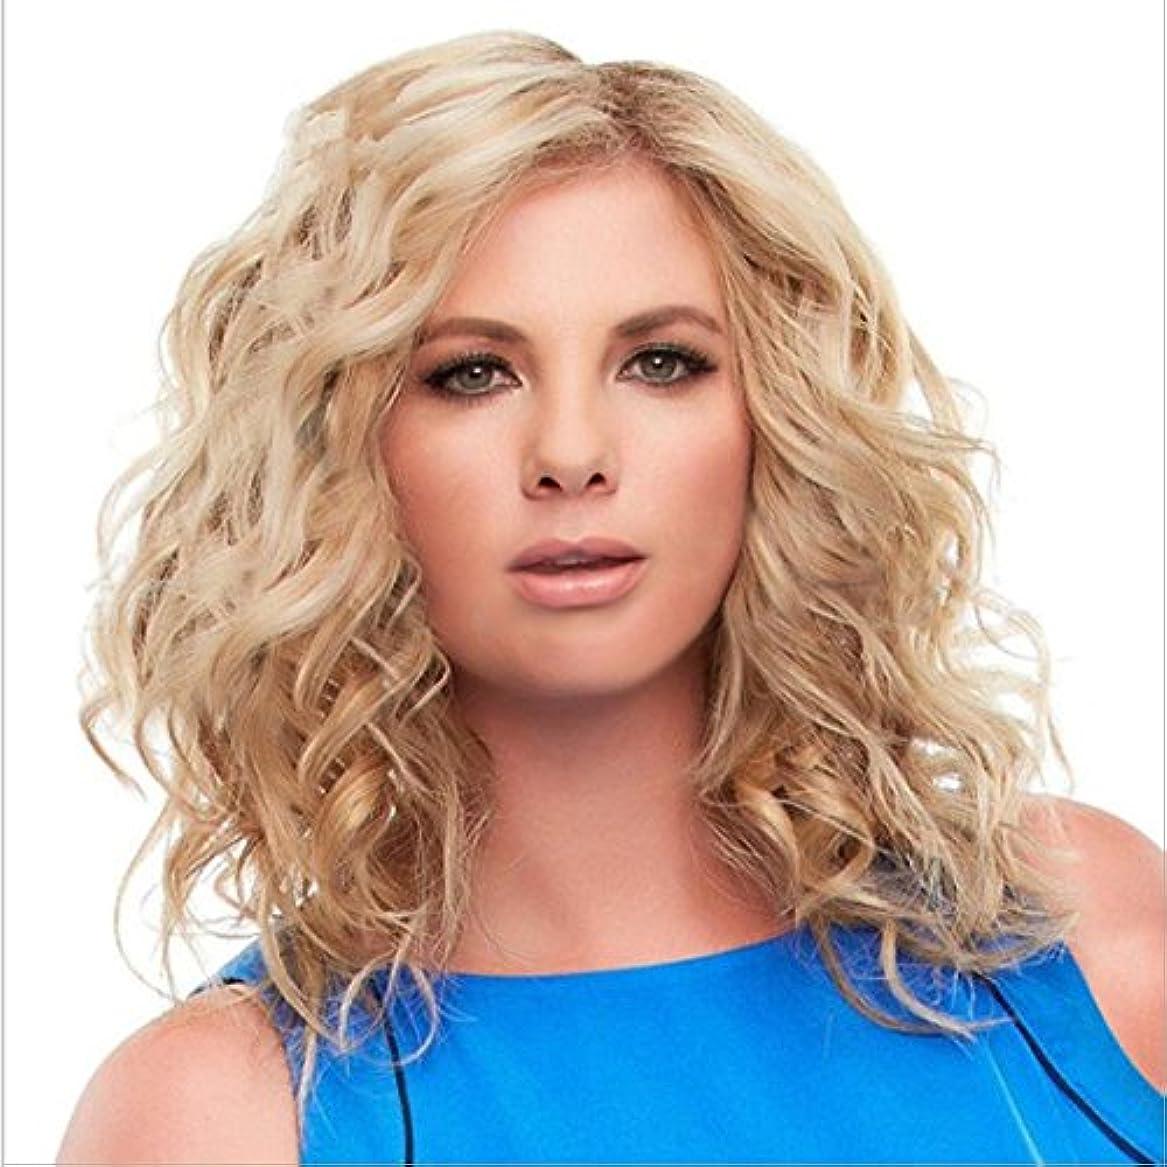 ラビリンスライド救急車YOUQIU 化学繊維の女性のかつらユースレディースロングカーリーナチュラルカラーウィッグを有する中間前髪髪の耐熱ウィッグの長さについては65センチメートルウィッグ (色 : ゴールド)